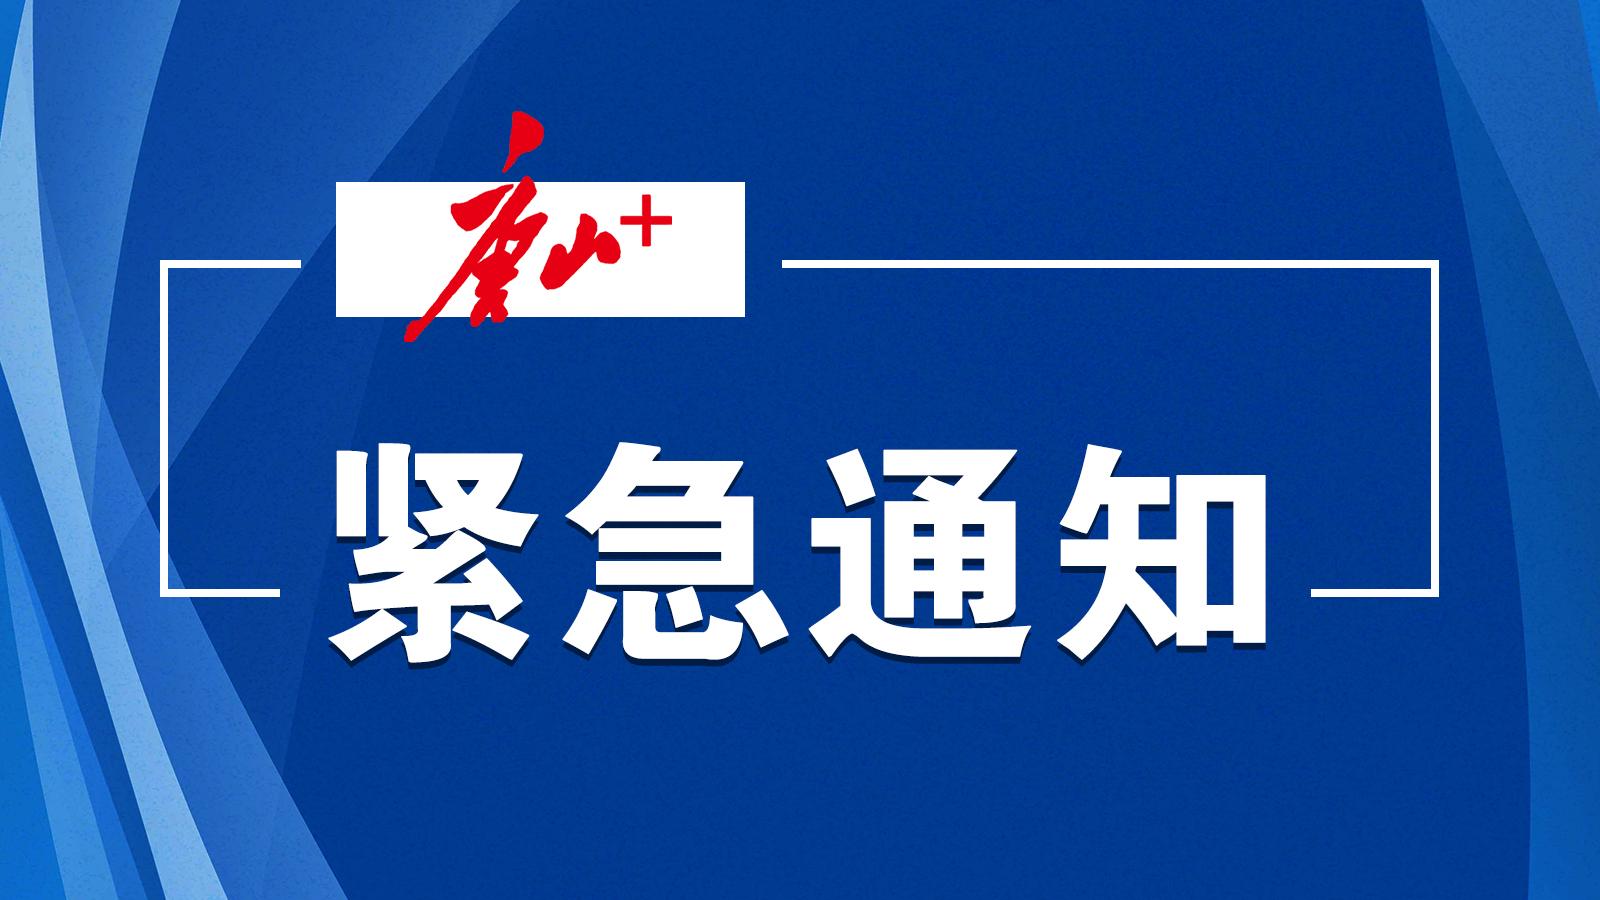 唐山市两办发布紧急通知!